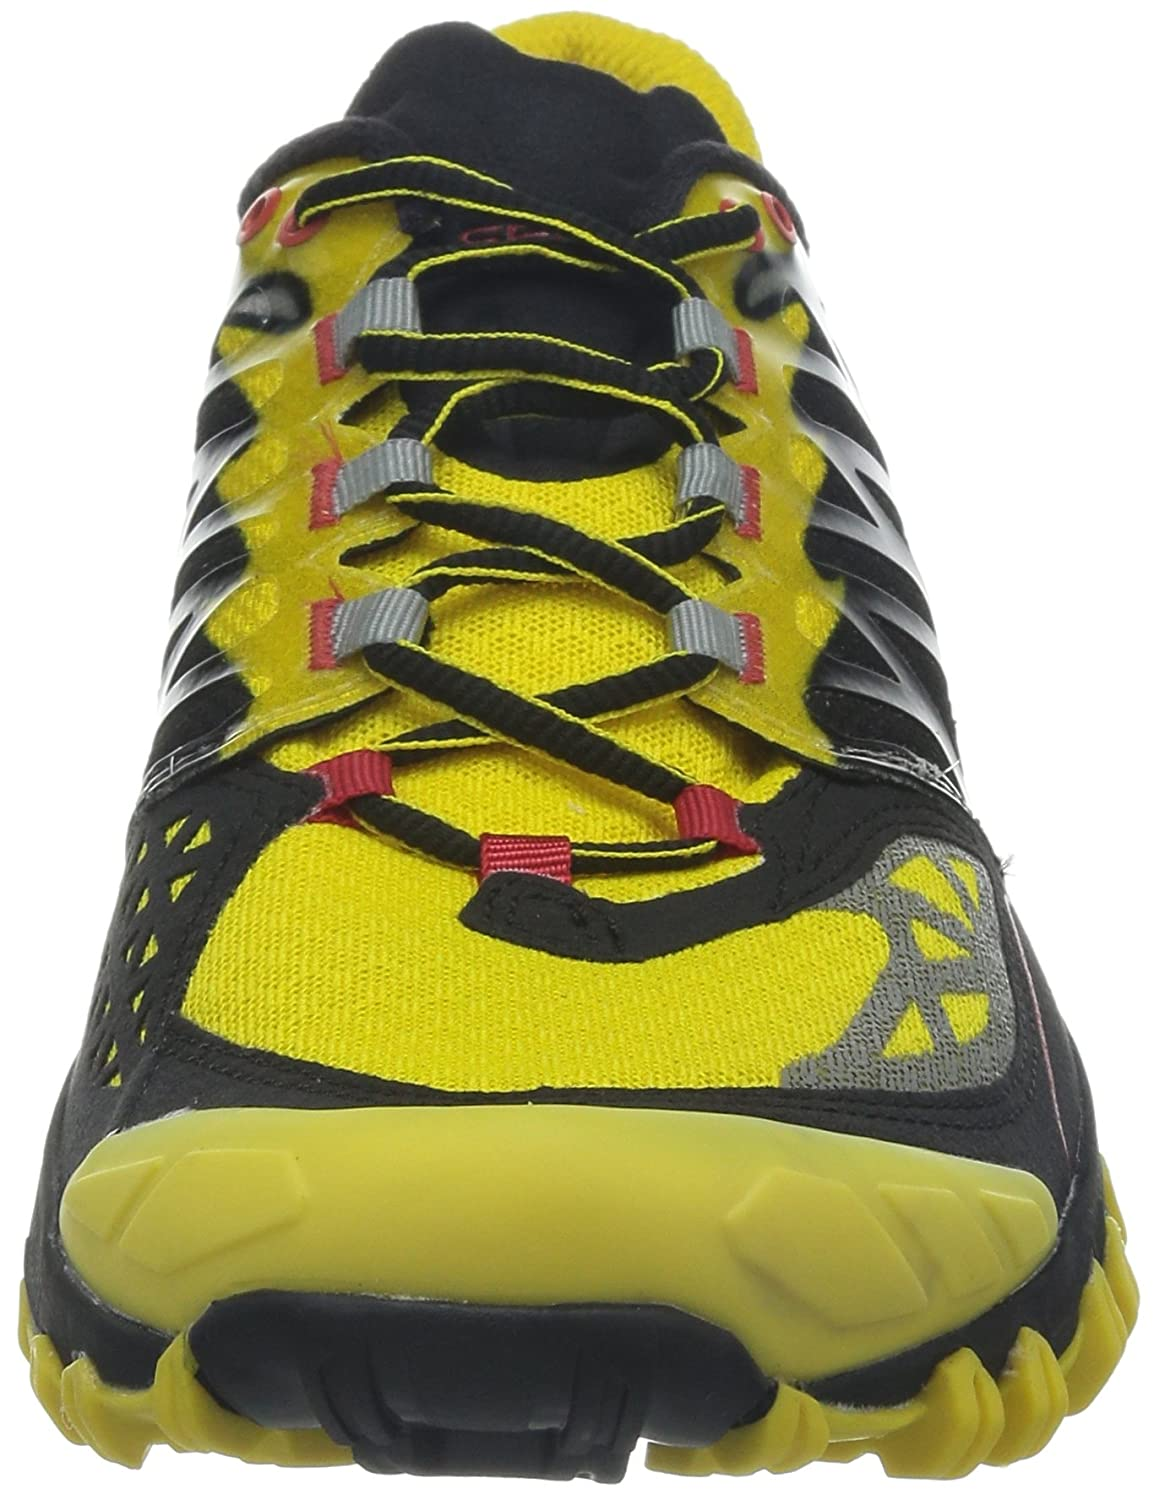 Amazon.com | La Sportiva Bushido Trail Running Shoes UK 9.5 Black Yellow | Running